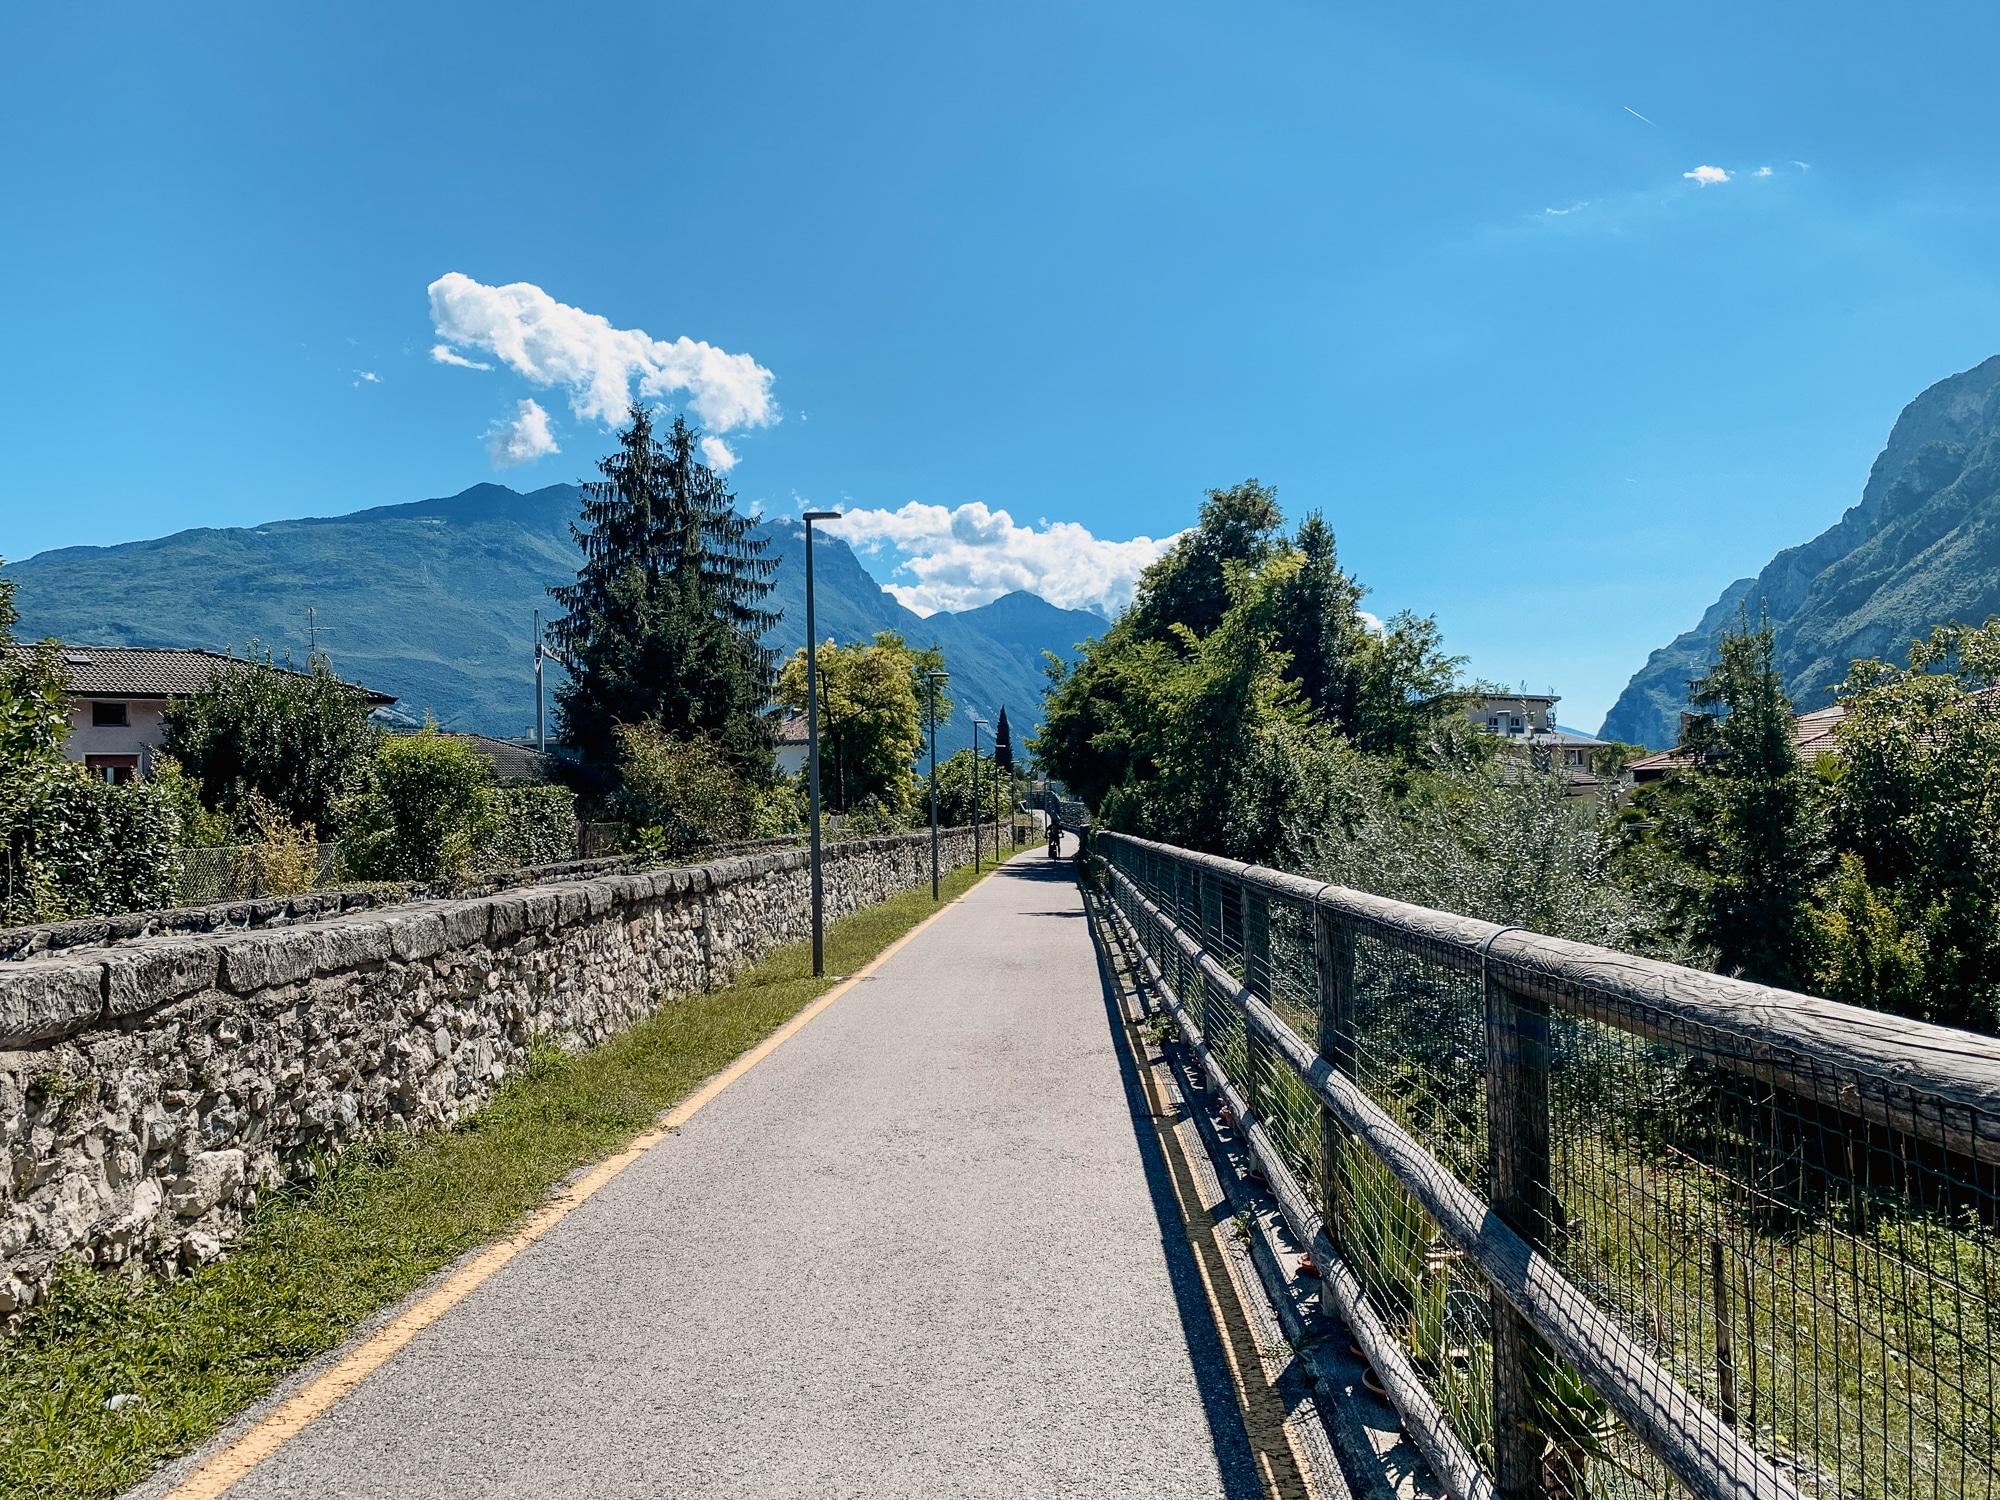 Hoody Hotel: Meine Erfahrungen im Gardasee Active & Happiness Hotel - Fahrradtour zum See